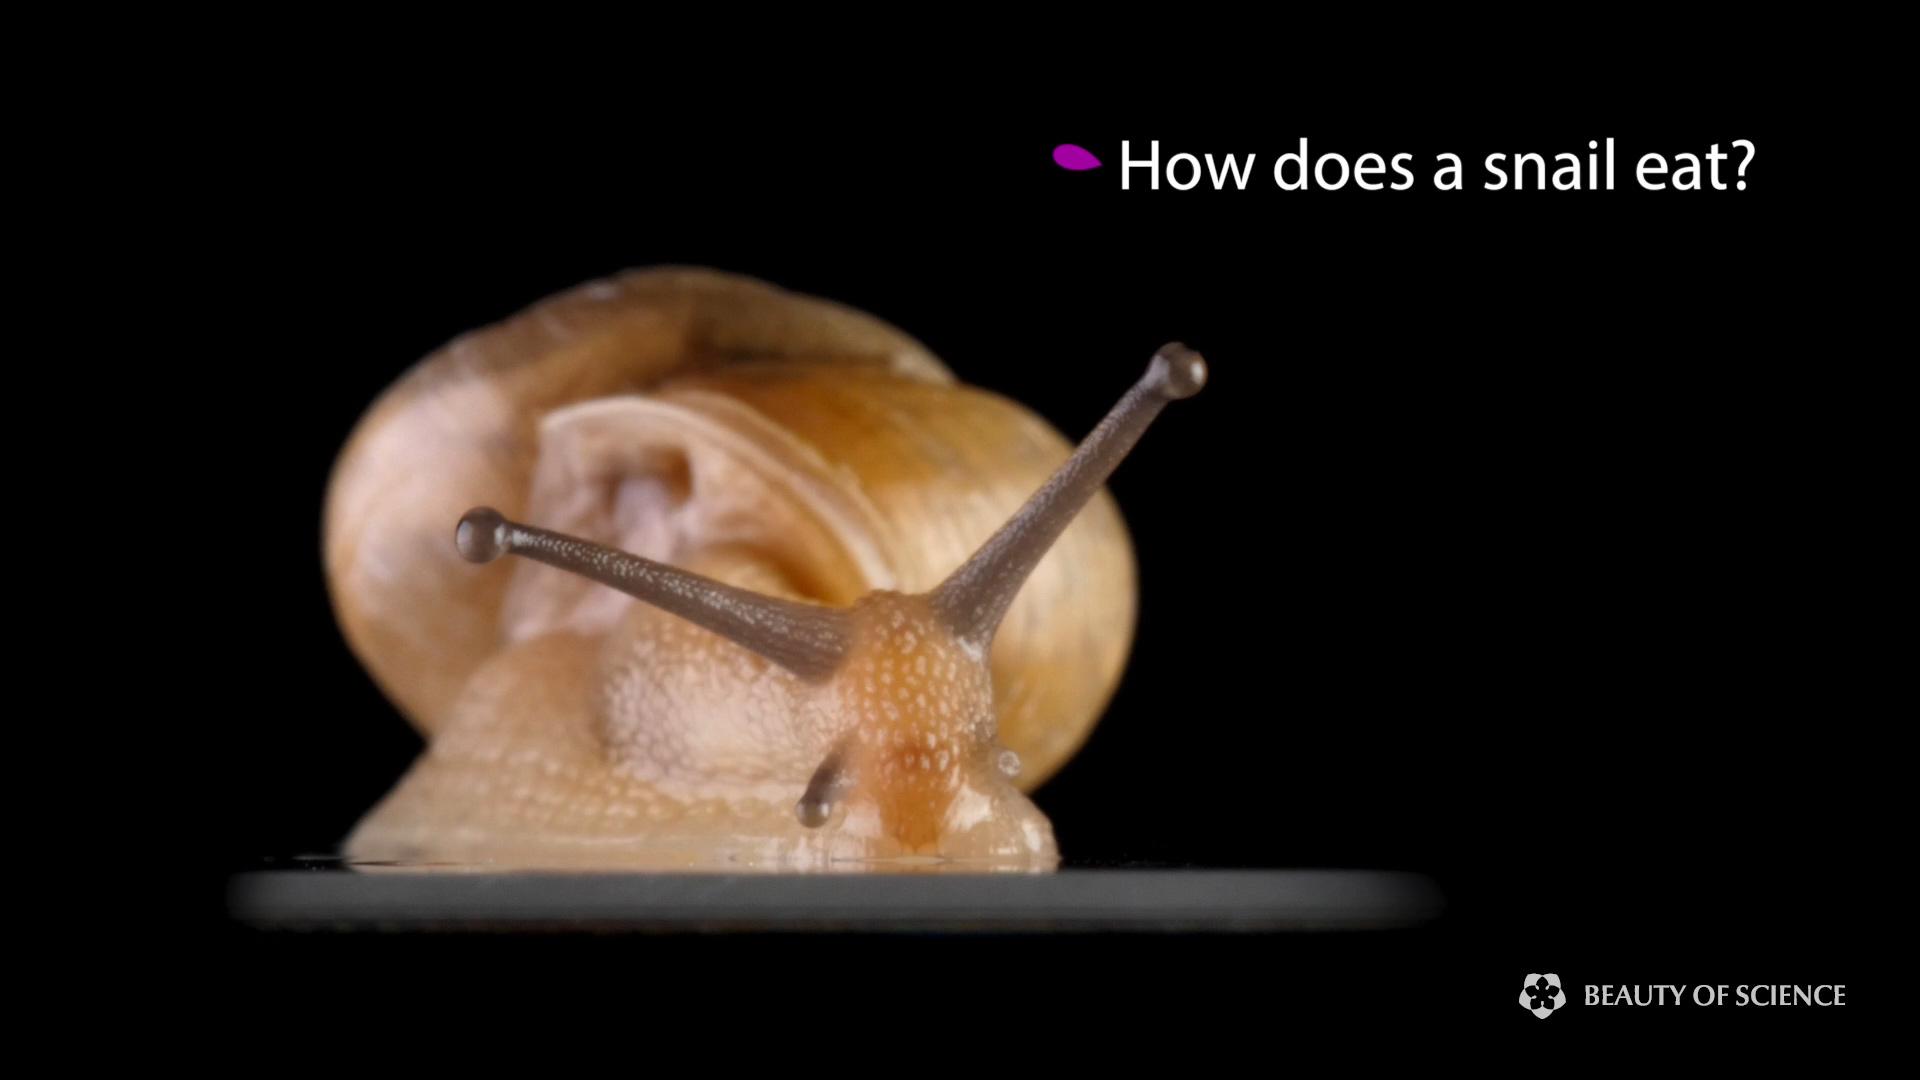 1 snail.jpg